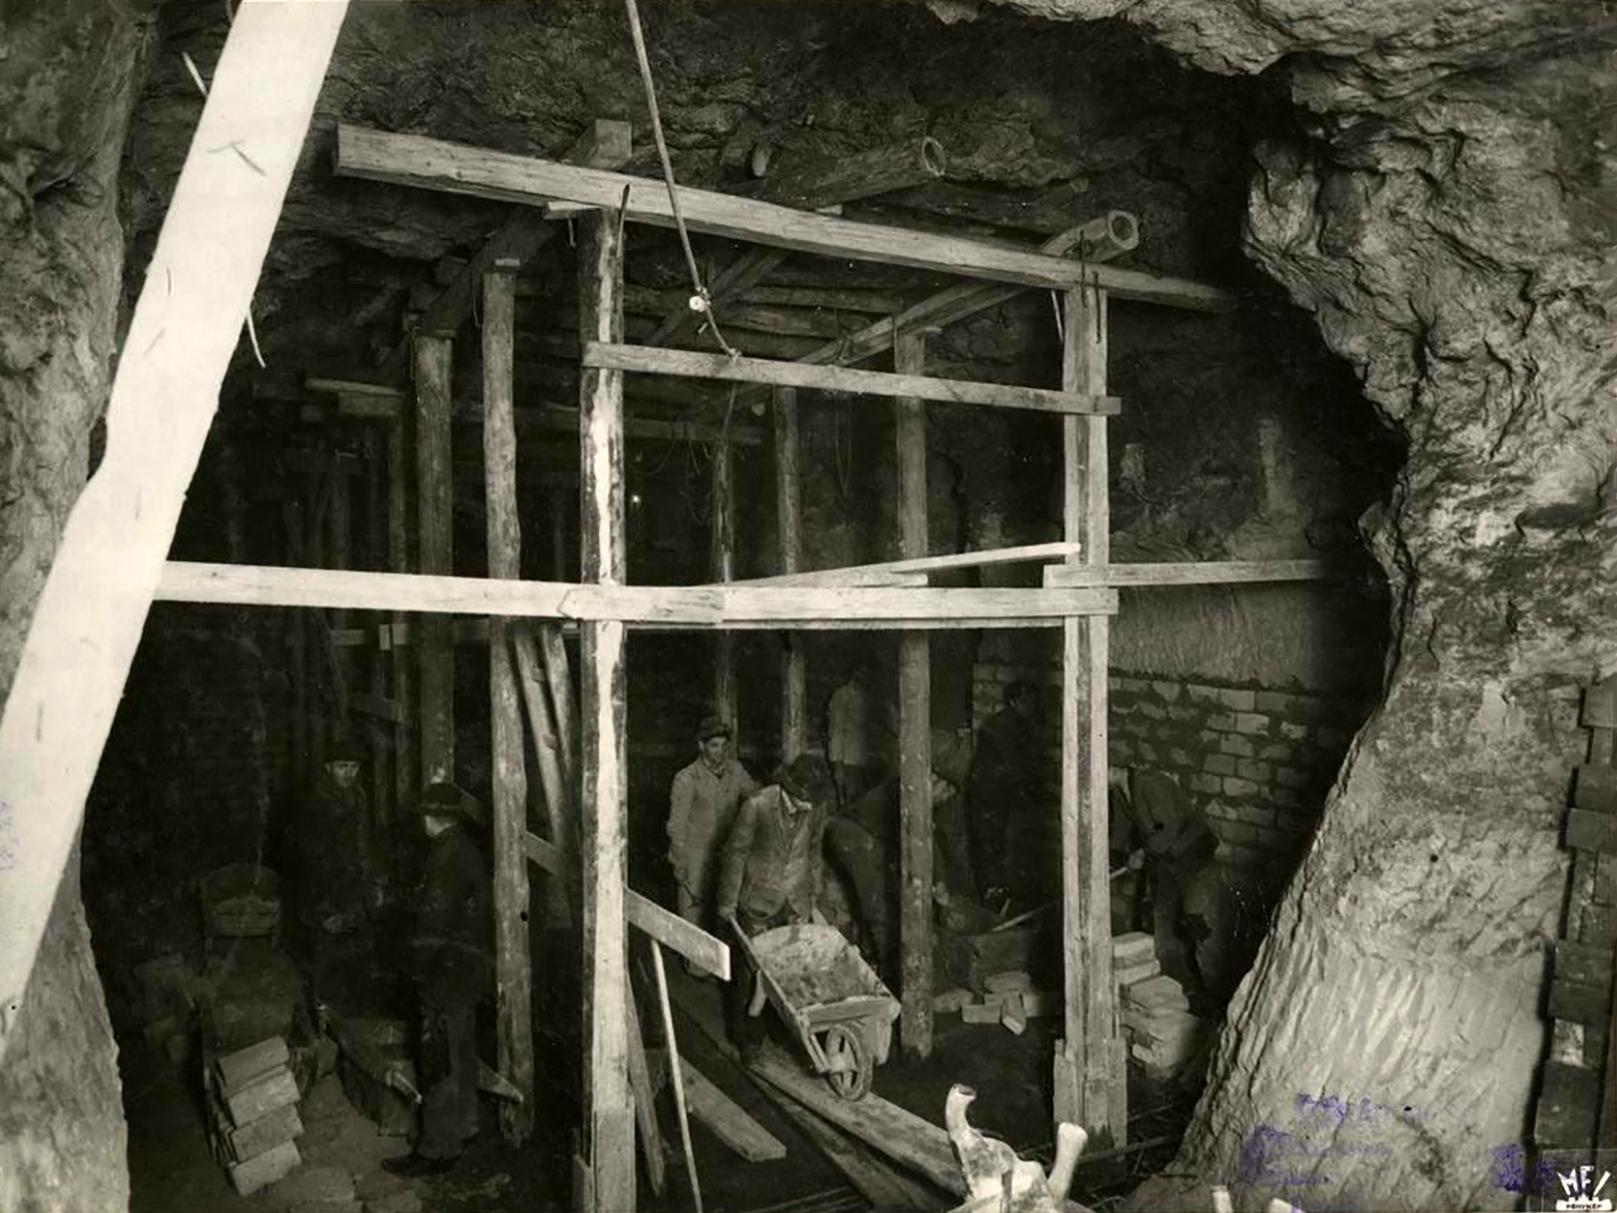 A budai Várnegyed alatti barlangrendszer északi és nyugati részének átépítése óvóhellyé, bombabiztos bunkerré. (Fotó: Magyar Filmiroda)